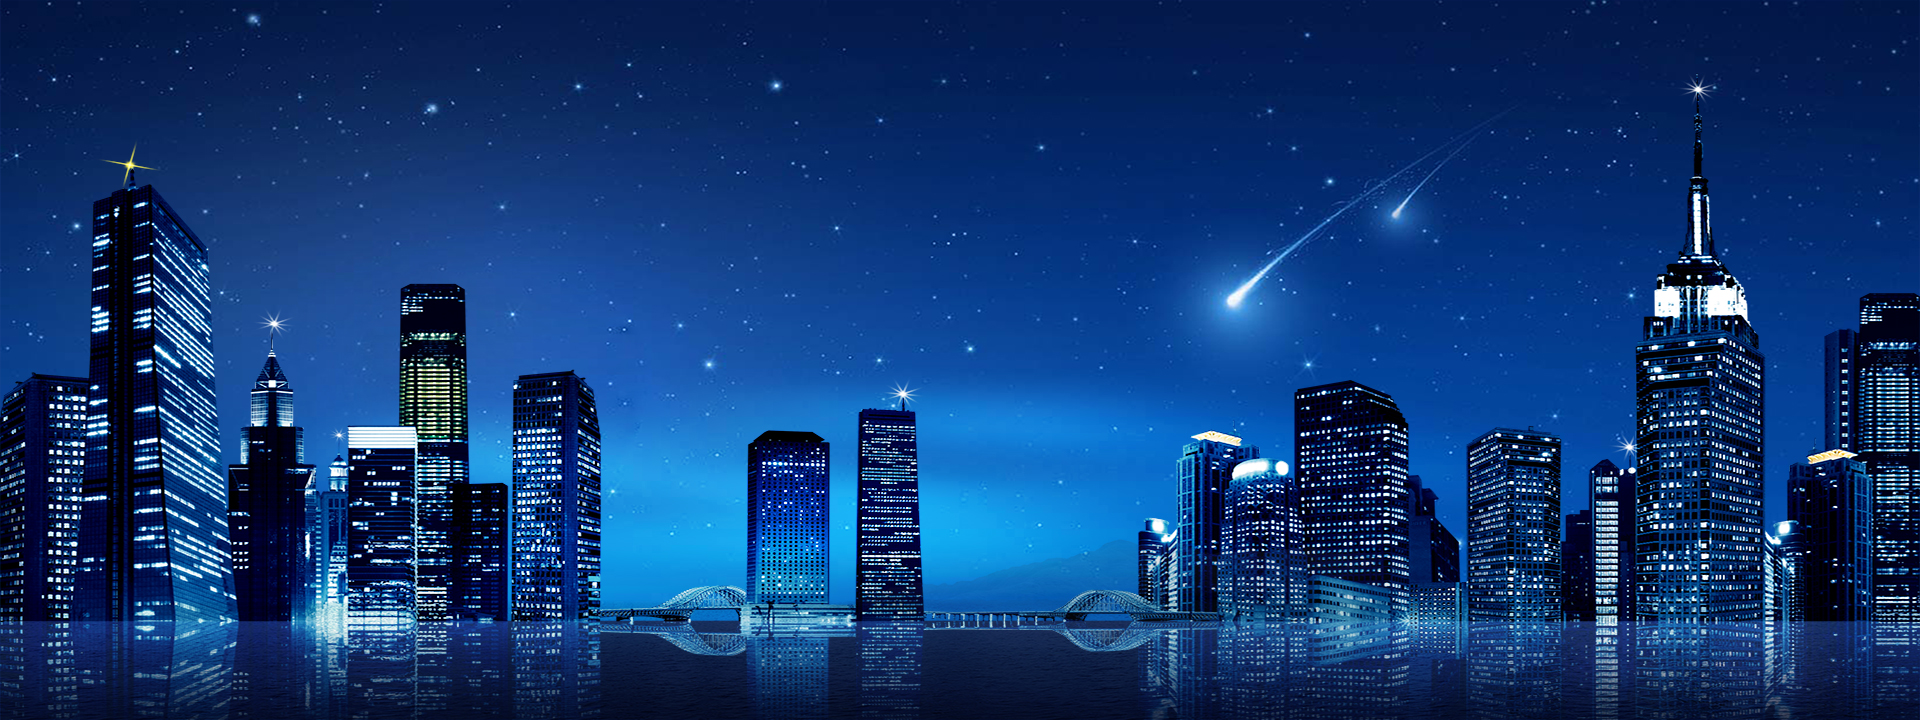 新兴经济体今年资本流入将创后危机时代新高